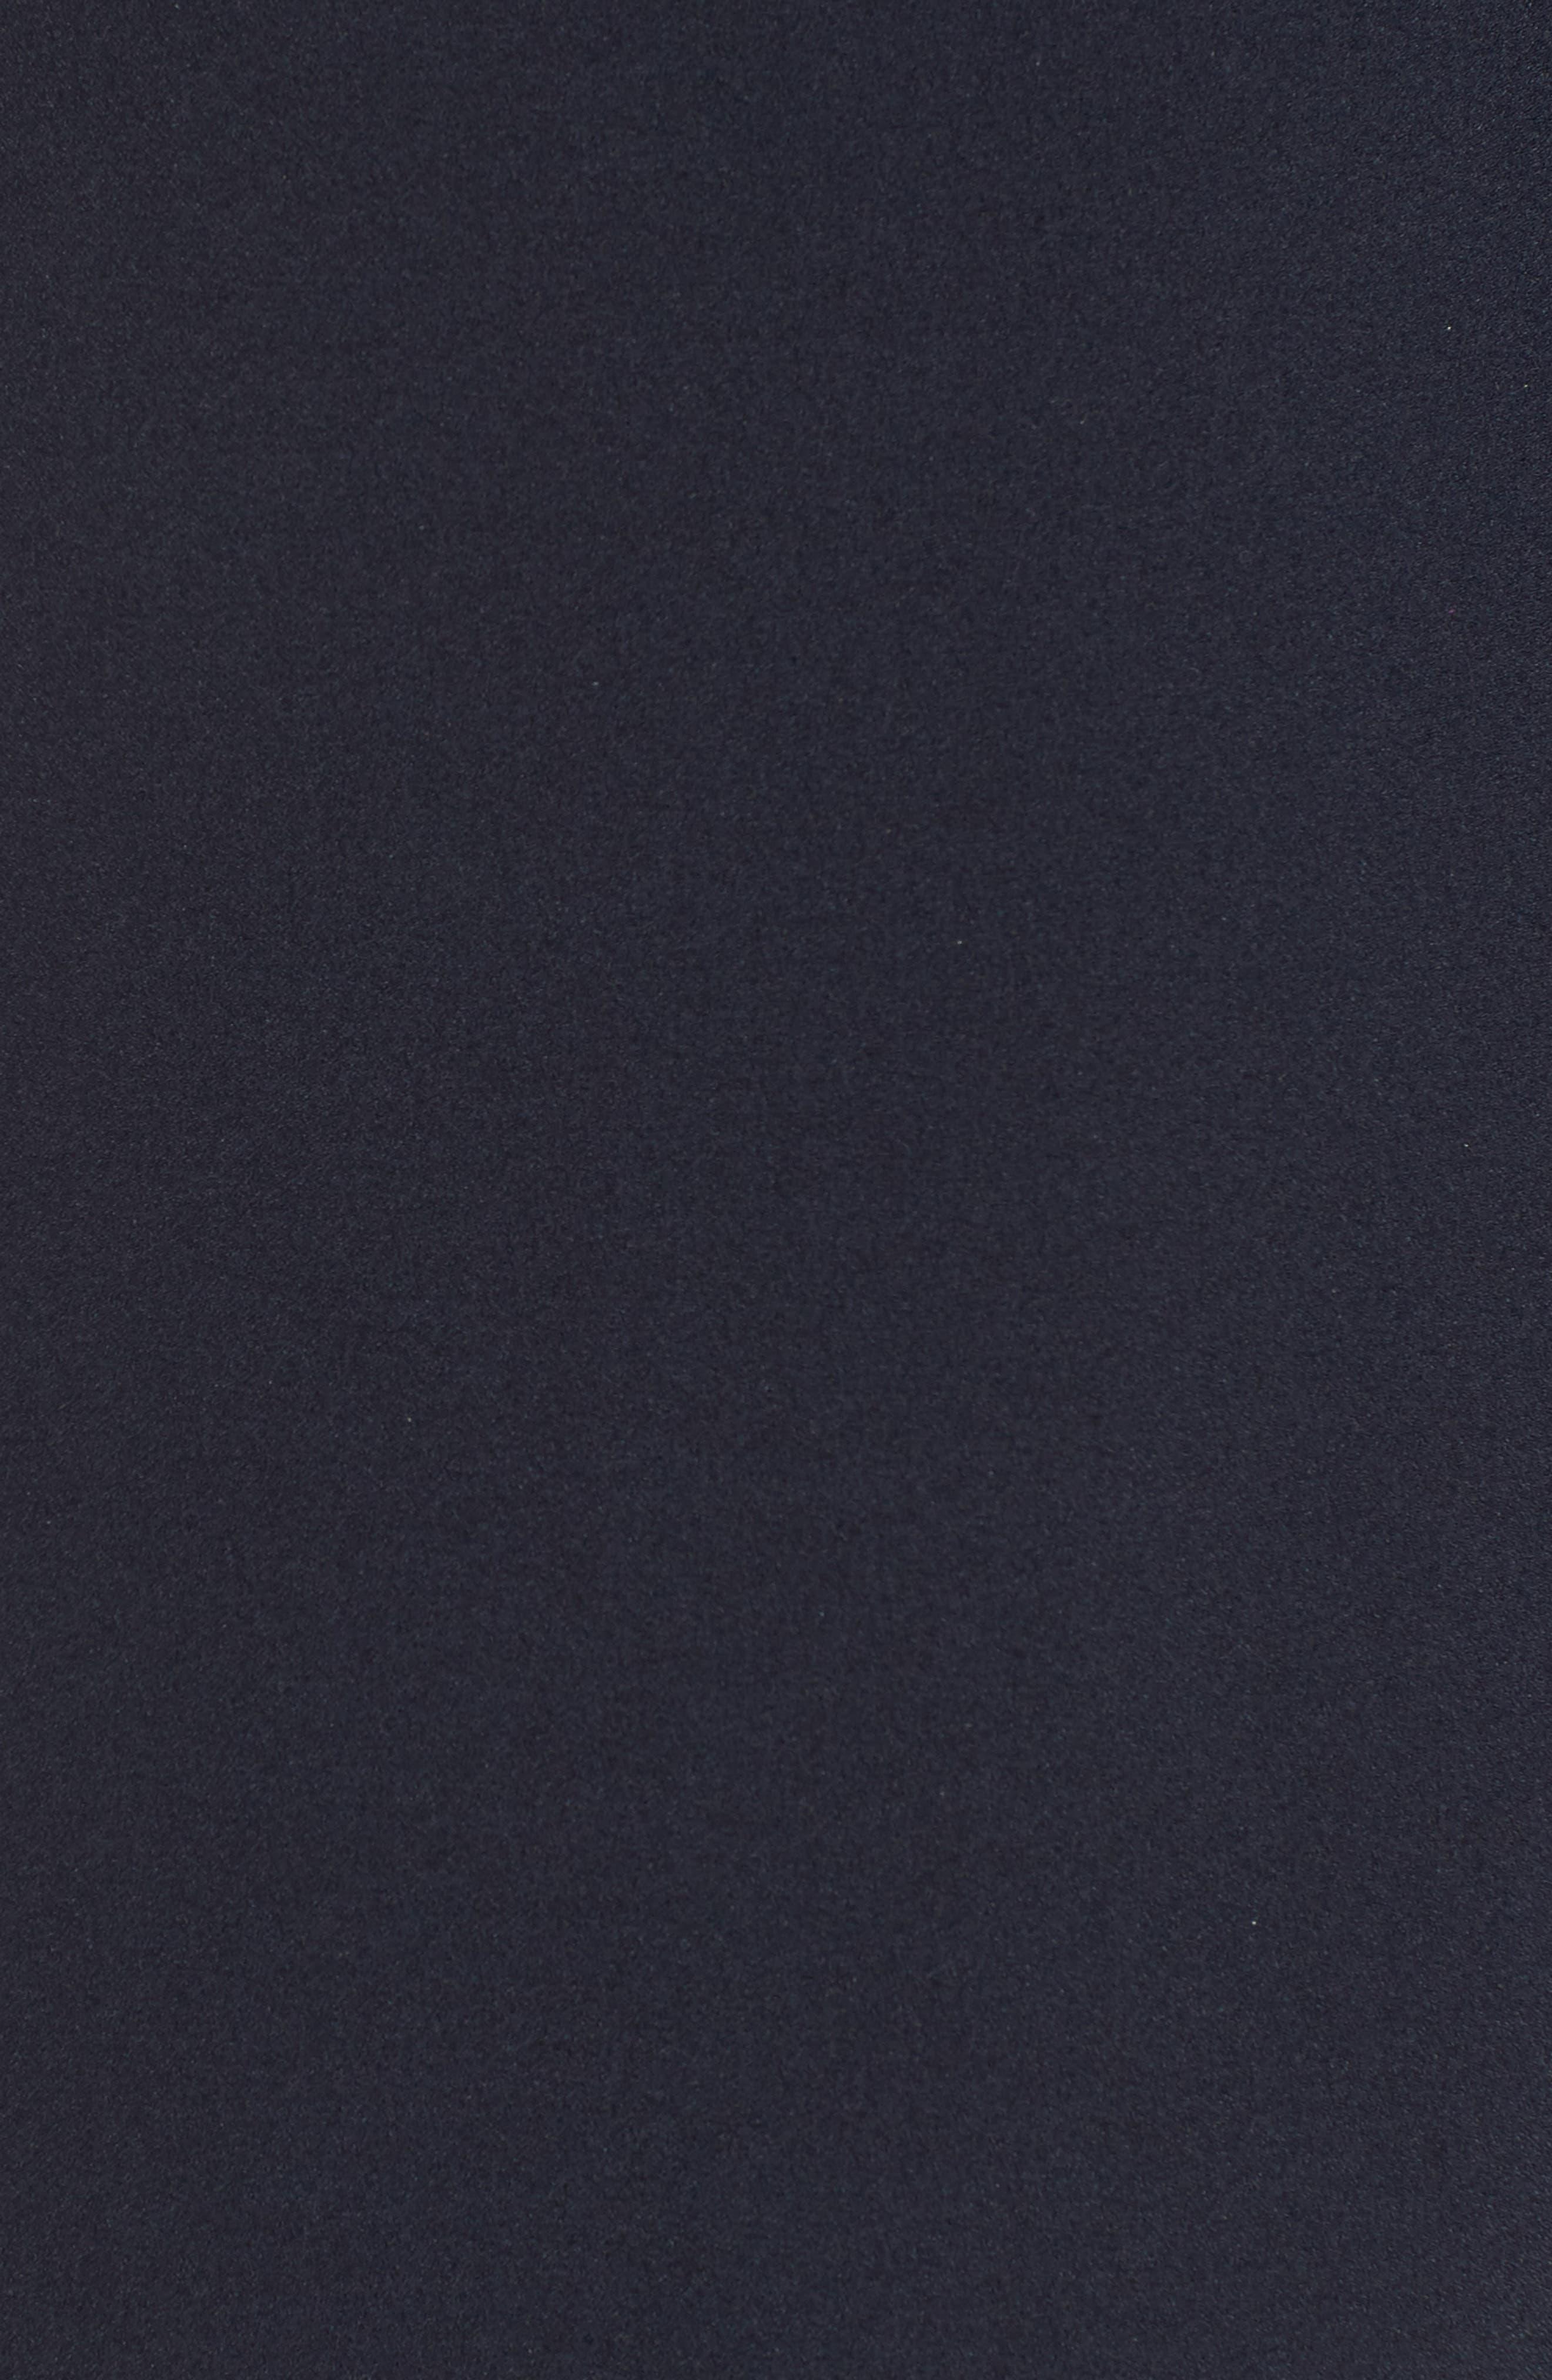 Velvet Trim Shift Dress,                             Alternate thumbnail 6, color,                             NAVY